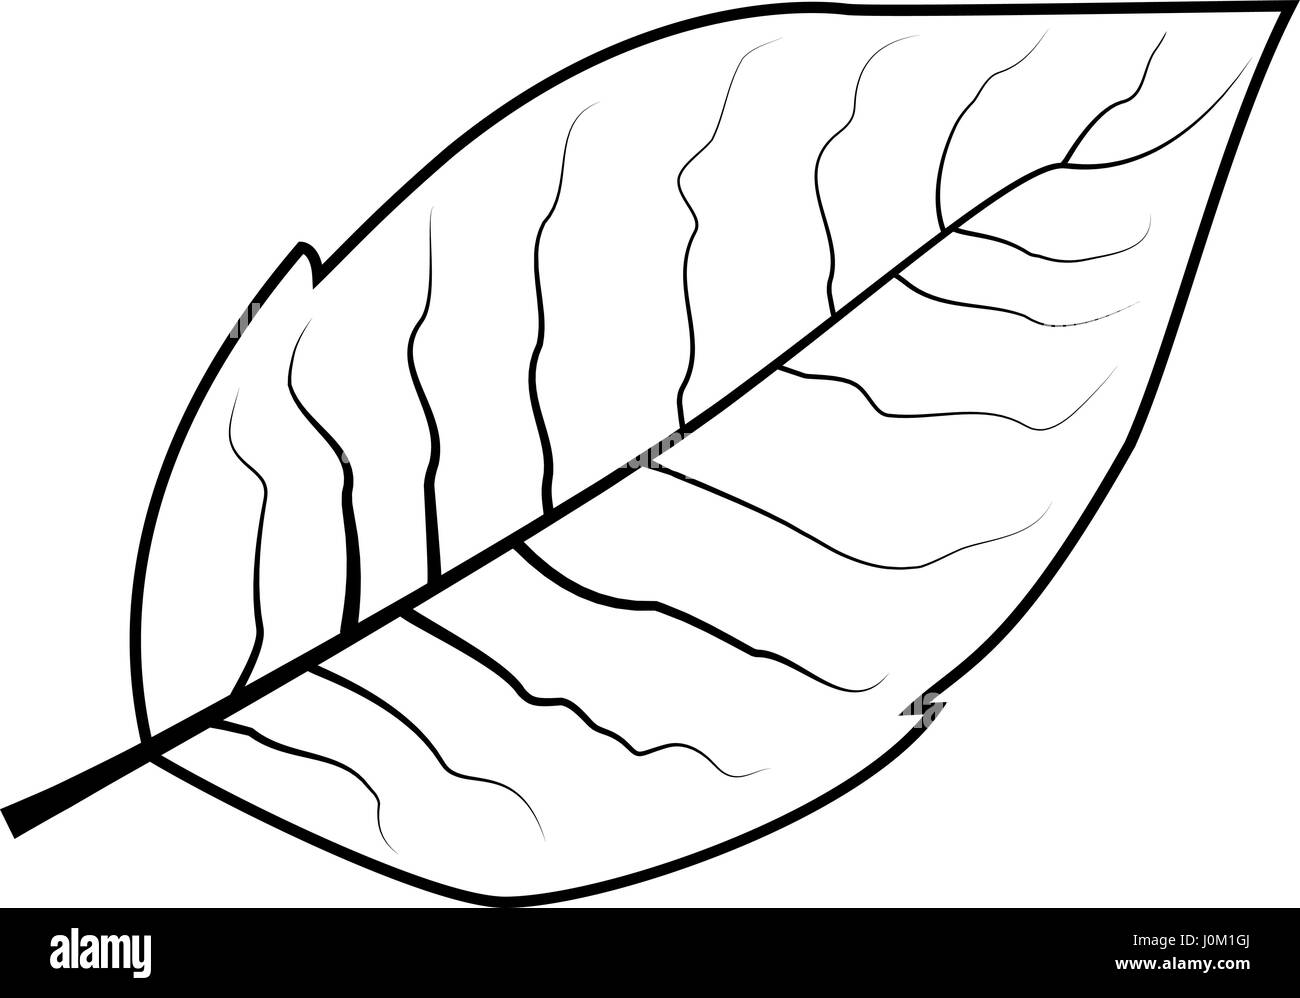 tobacco leaf vector illustration - Stock Image